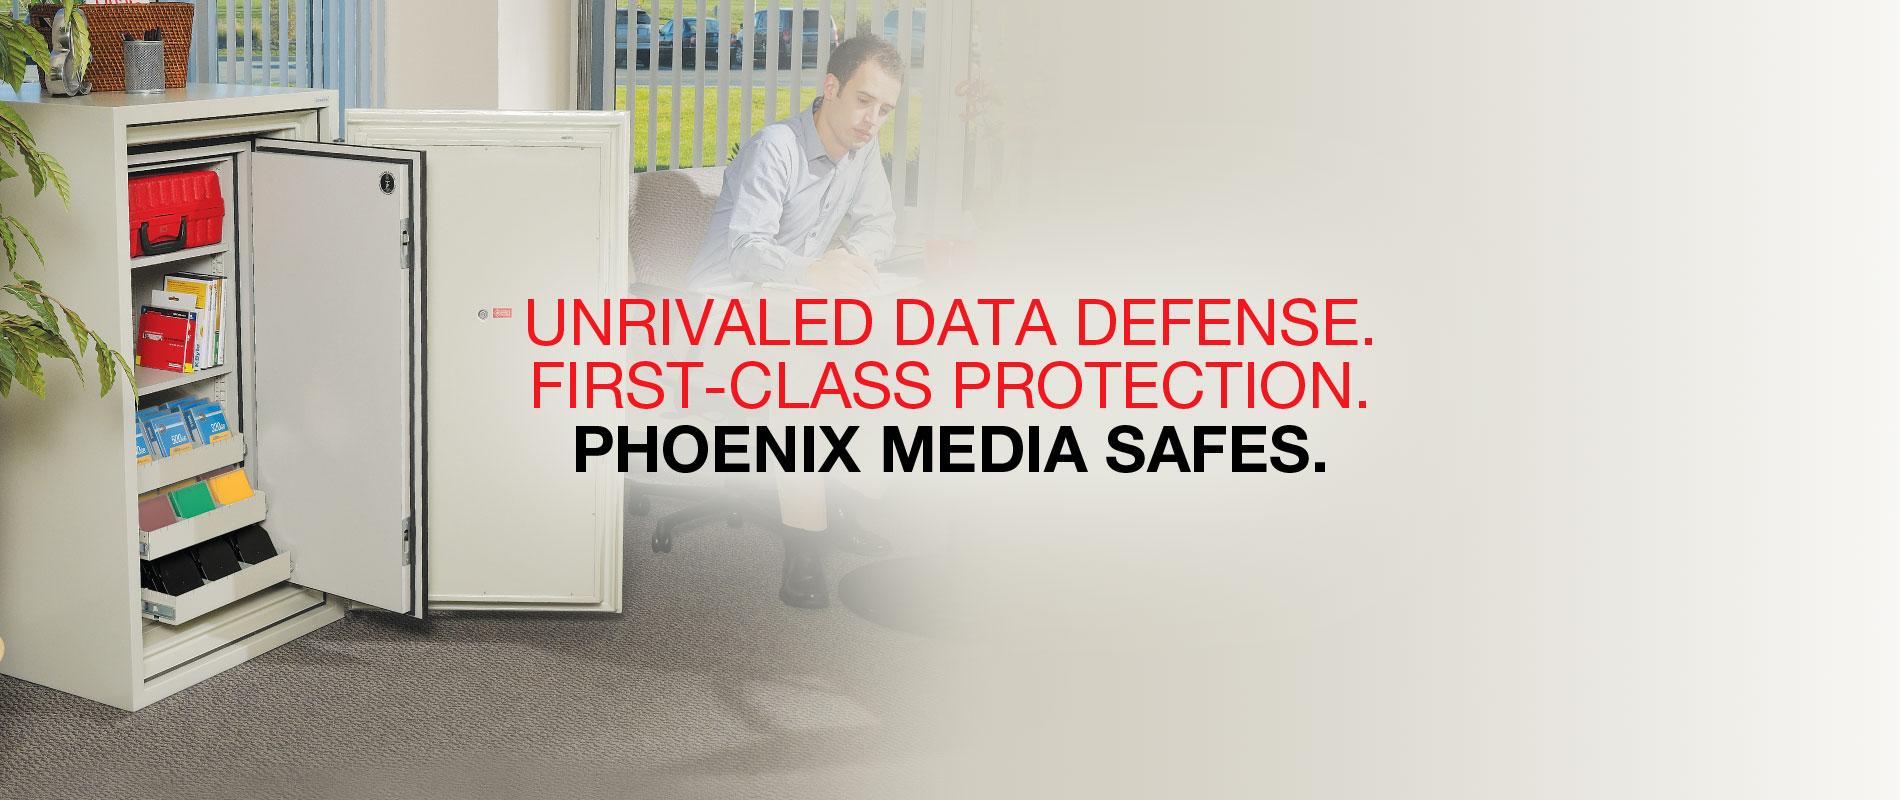 media-safes-rotator_v2.jpg